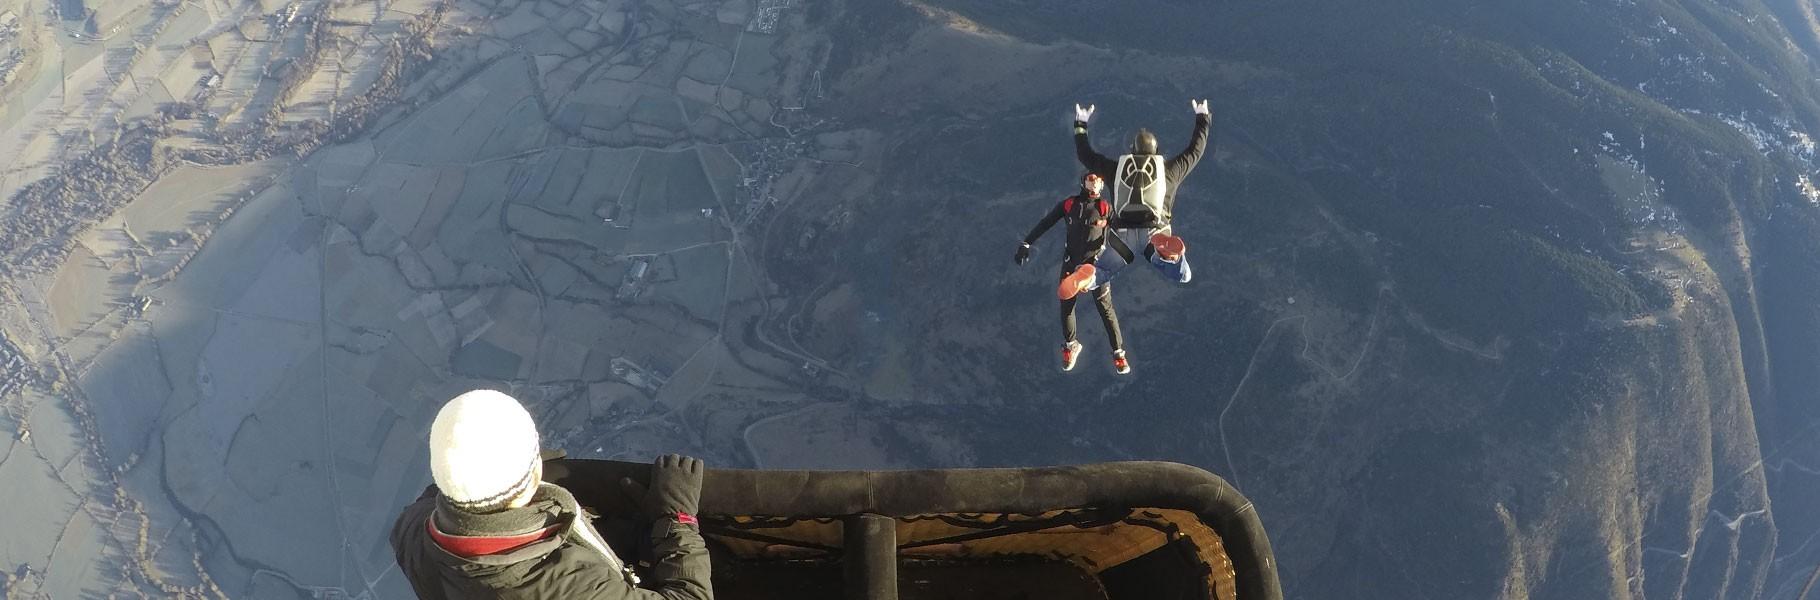 Vols spéciaux d'aventure et extrêmes